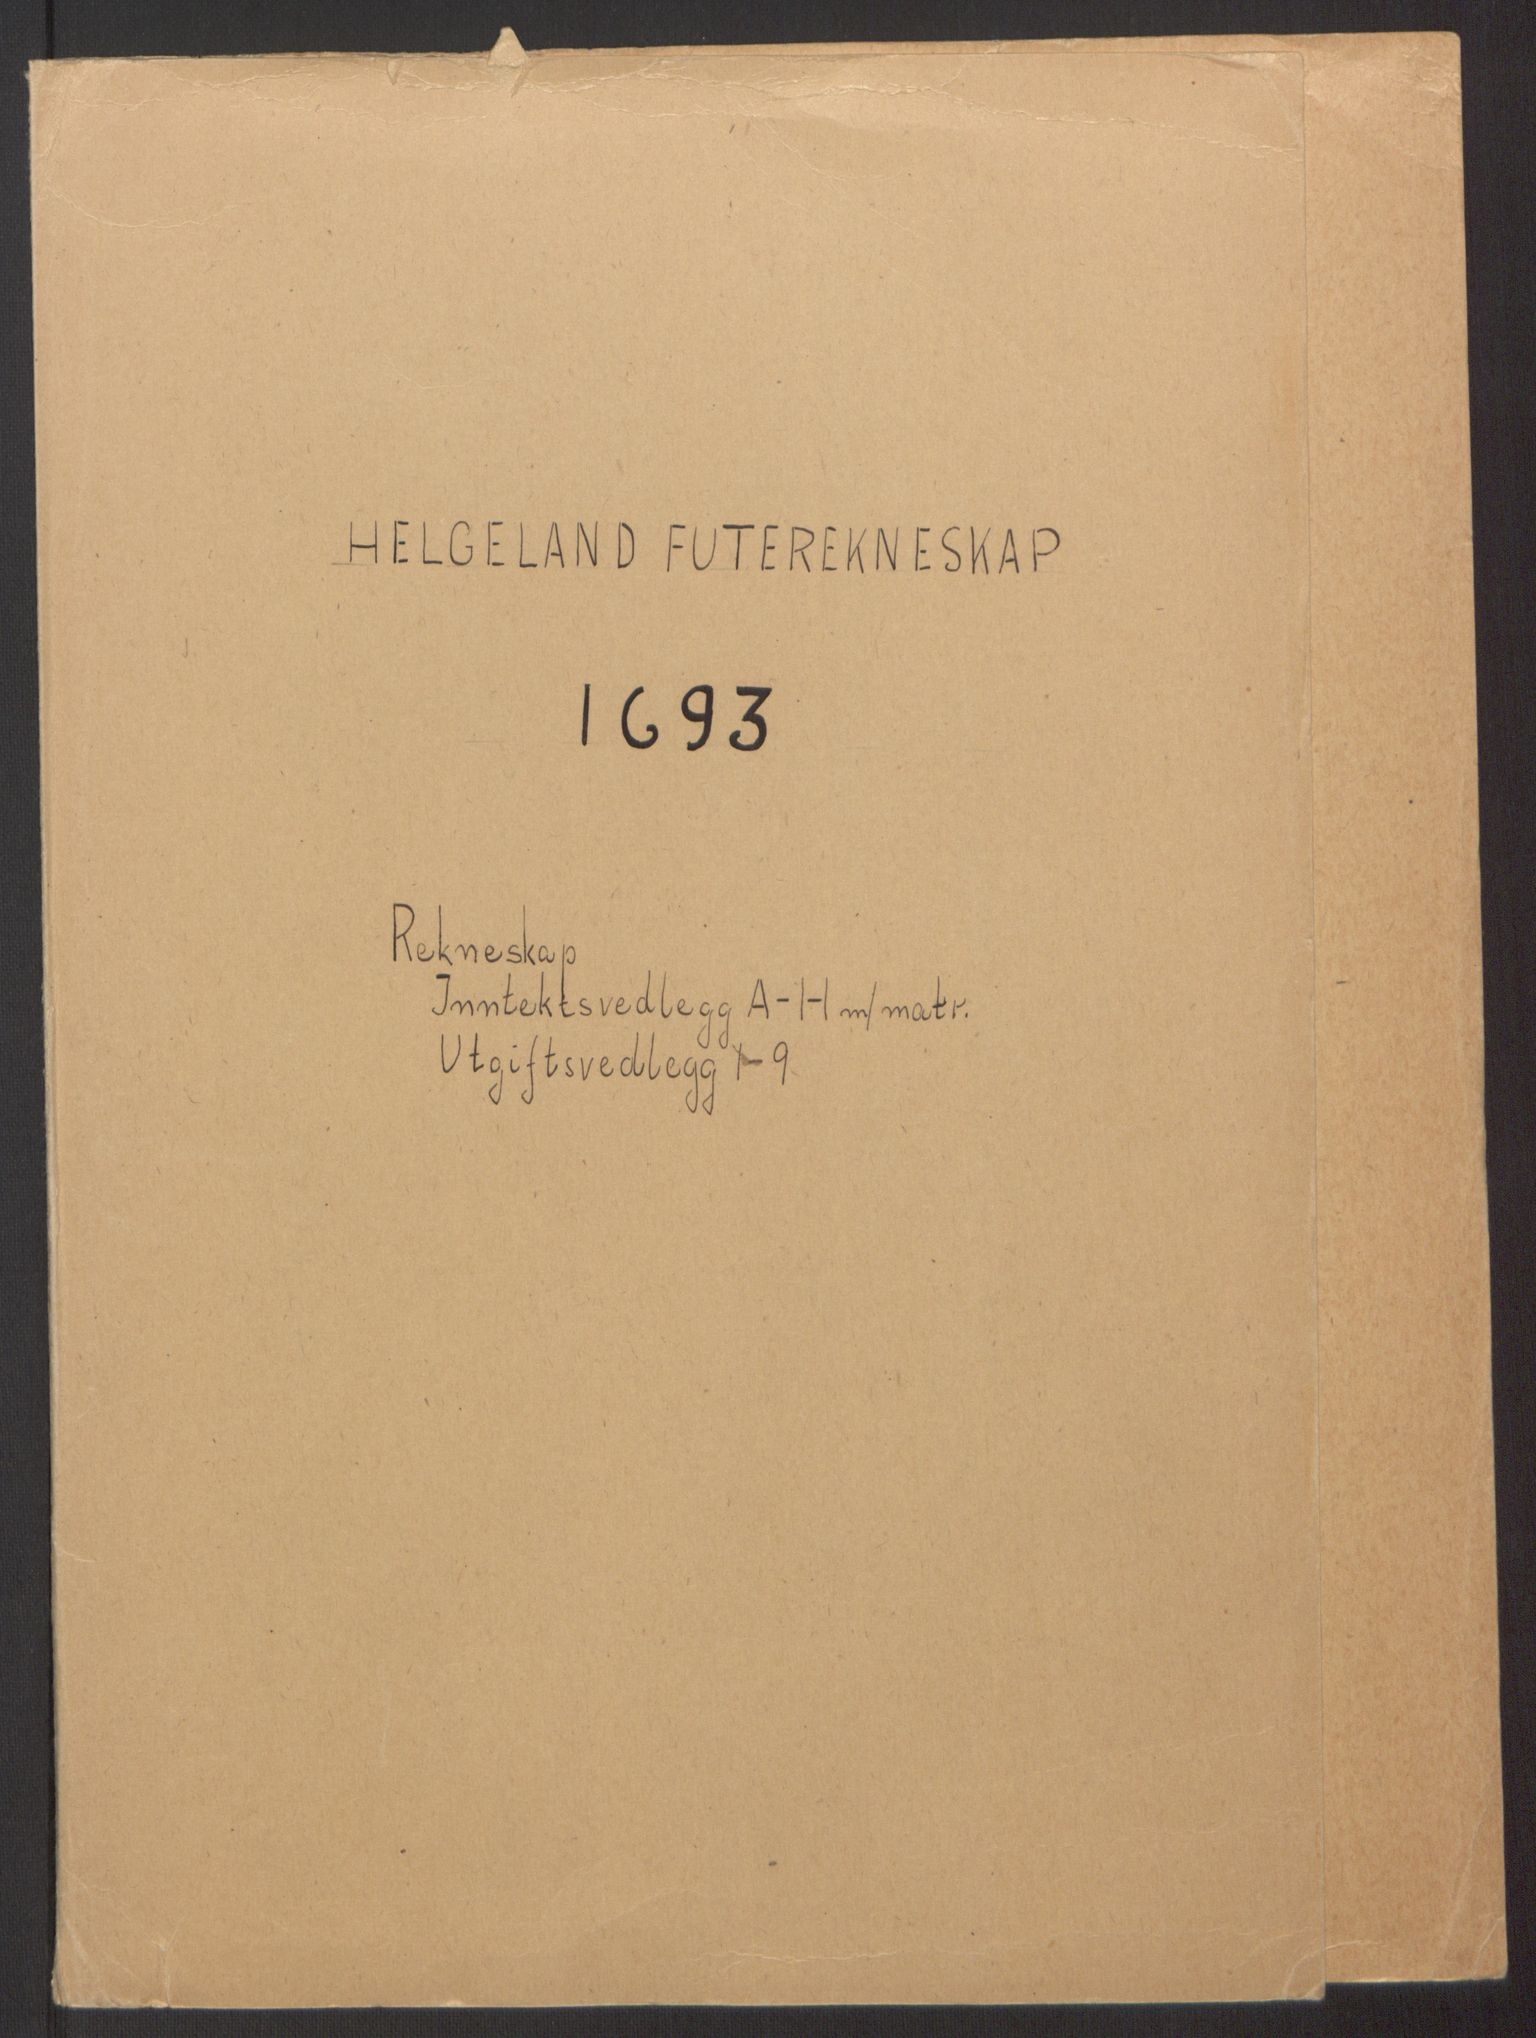 RA, Rentekammeret inntil 1814, Reviderte regnskaper, Fogderegnskap, R65/L4505: Fogderegnskap Helgeland, 1693-1696, s. 2